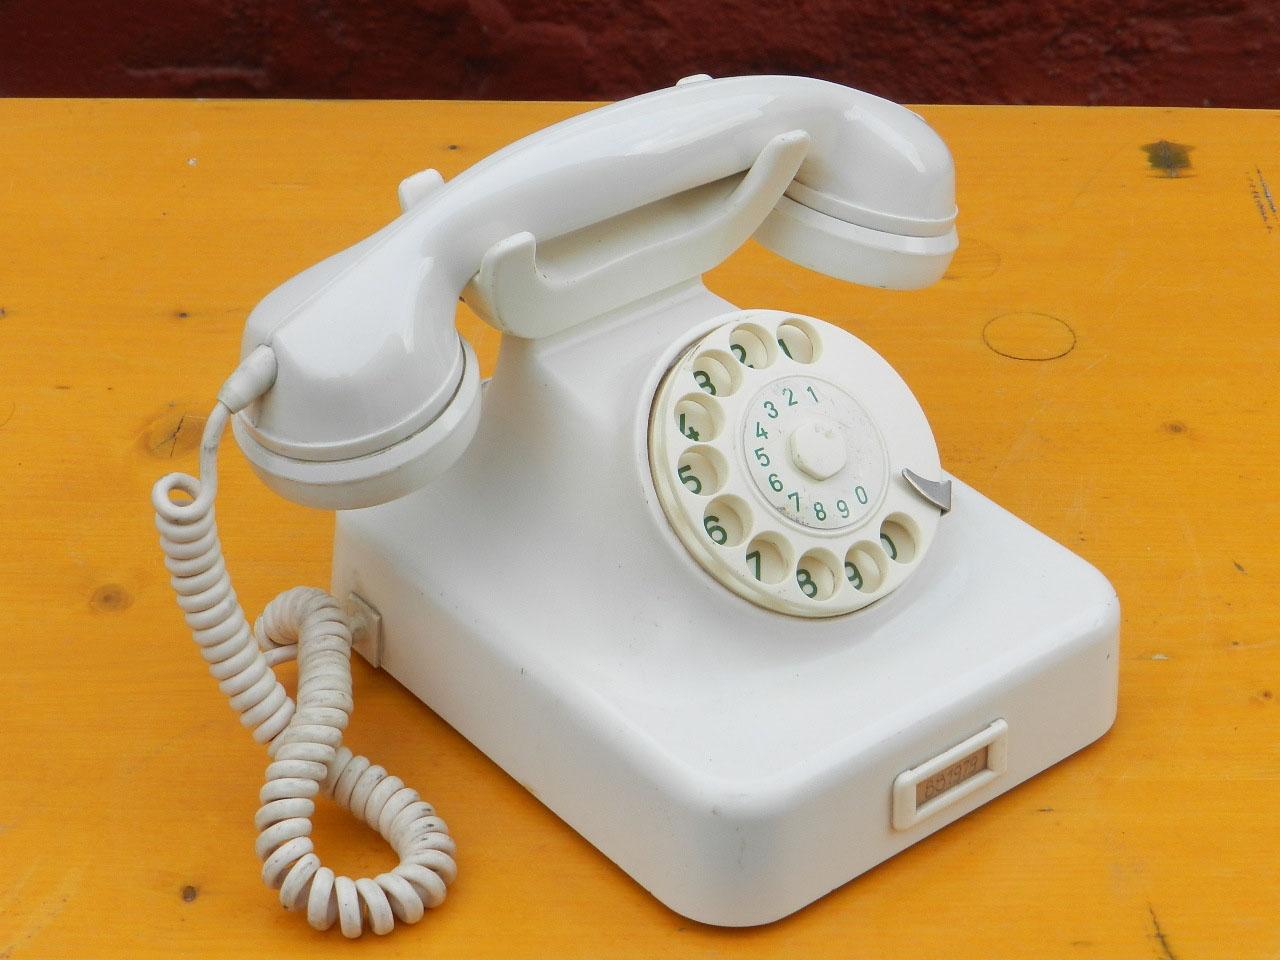 Imagen ANTIGUO TELÉFONO W48 AÑOS 50 23634